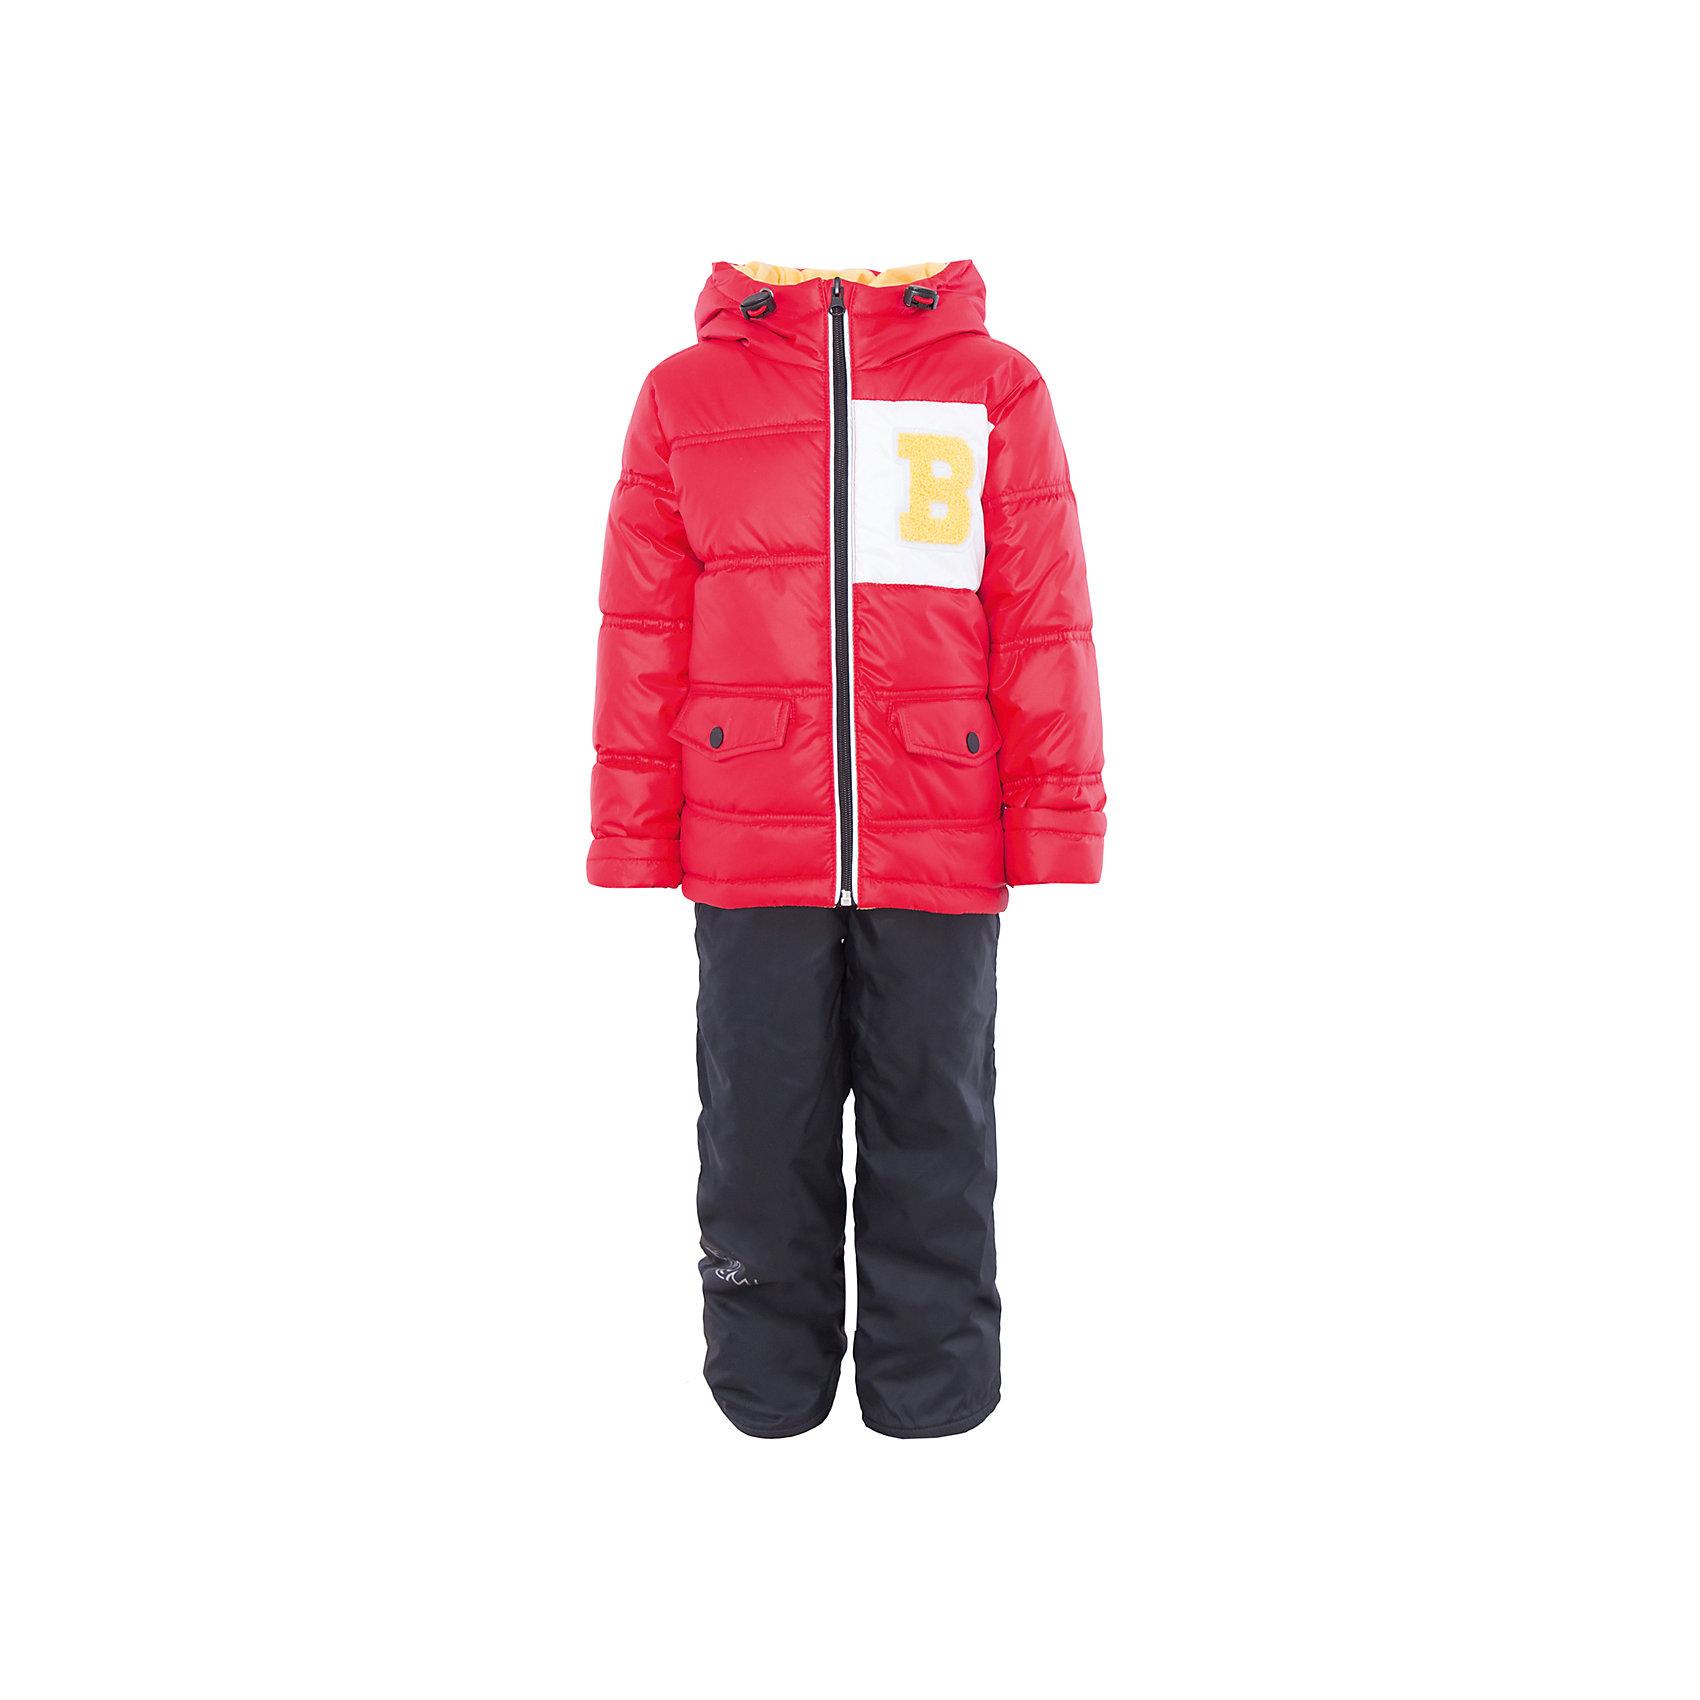 Комплект для мальчика BOOM by OrbyВерхняя одежда<br>Характеристики товара:<br><br>• цвет: красный/тёмно-синий<br>• состав: <br>курточка: верх - болонь, подкладка - поликоттон, полиэстер, утеплитель: эко-синтепон 150 г/м2<br>брюки: верх - таффета, подкладка - флис<br>• комплектация: куртка, брюки<br>• температурный режим: от -5 С° до +10 С° <br>• капюшон с утяжкой, не отстёгивается<br>• из практичной ткани<br>• застежка - молния<br>• куртка декорирована нашивкой<br>• отвороты помогают заметно трансформировать размер<br>• комфортная посадка<br>• страна производства: Российская Федерация<br>• страна бренда: Российская Федерация<br>• коллекция: весна-лето 2017<br><br>Такой комплект - универсальный вариант для межсезонья с постоянно меняющейся погодой. Эта модель - модная и удобная одновременно! Изделие отличается стильным ярким дизайном. Куртка и брюки хорошо сидят по фигуре, отлично сочетается с различной обувью. Модель была разработана специально для детей.<br><br>Одежда от российского бренда BOOM by Orby уже завоевала популярностью у многих детей и их родителей. Вещи, выпускаемые компанией, качественные, продуманные и очень удобные. Для производства коллекций используются только безопасные для детей материалы. Спешите приобрести модели из новой коллекции Весна-лето 2017! <br><br>Комплект для мальчика от бренда BOOM by Orby можно купить в нашем интернет-магазине.<br><br>Ширина мм: 356<br>Глубина мм: 10<br>Высота мм: 245<br>Вес г: 519<br>Цвет: красный<br>Возраст от месяцев: 12<br>Возраст до месяцев: 18<br>Пол: Мужской<br>Возраст: Детский<br>Размер: 86,122,104,92,98,110,116<br>SKU: 5342619